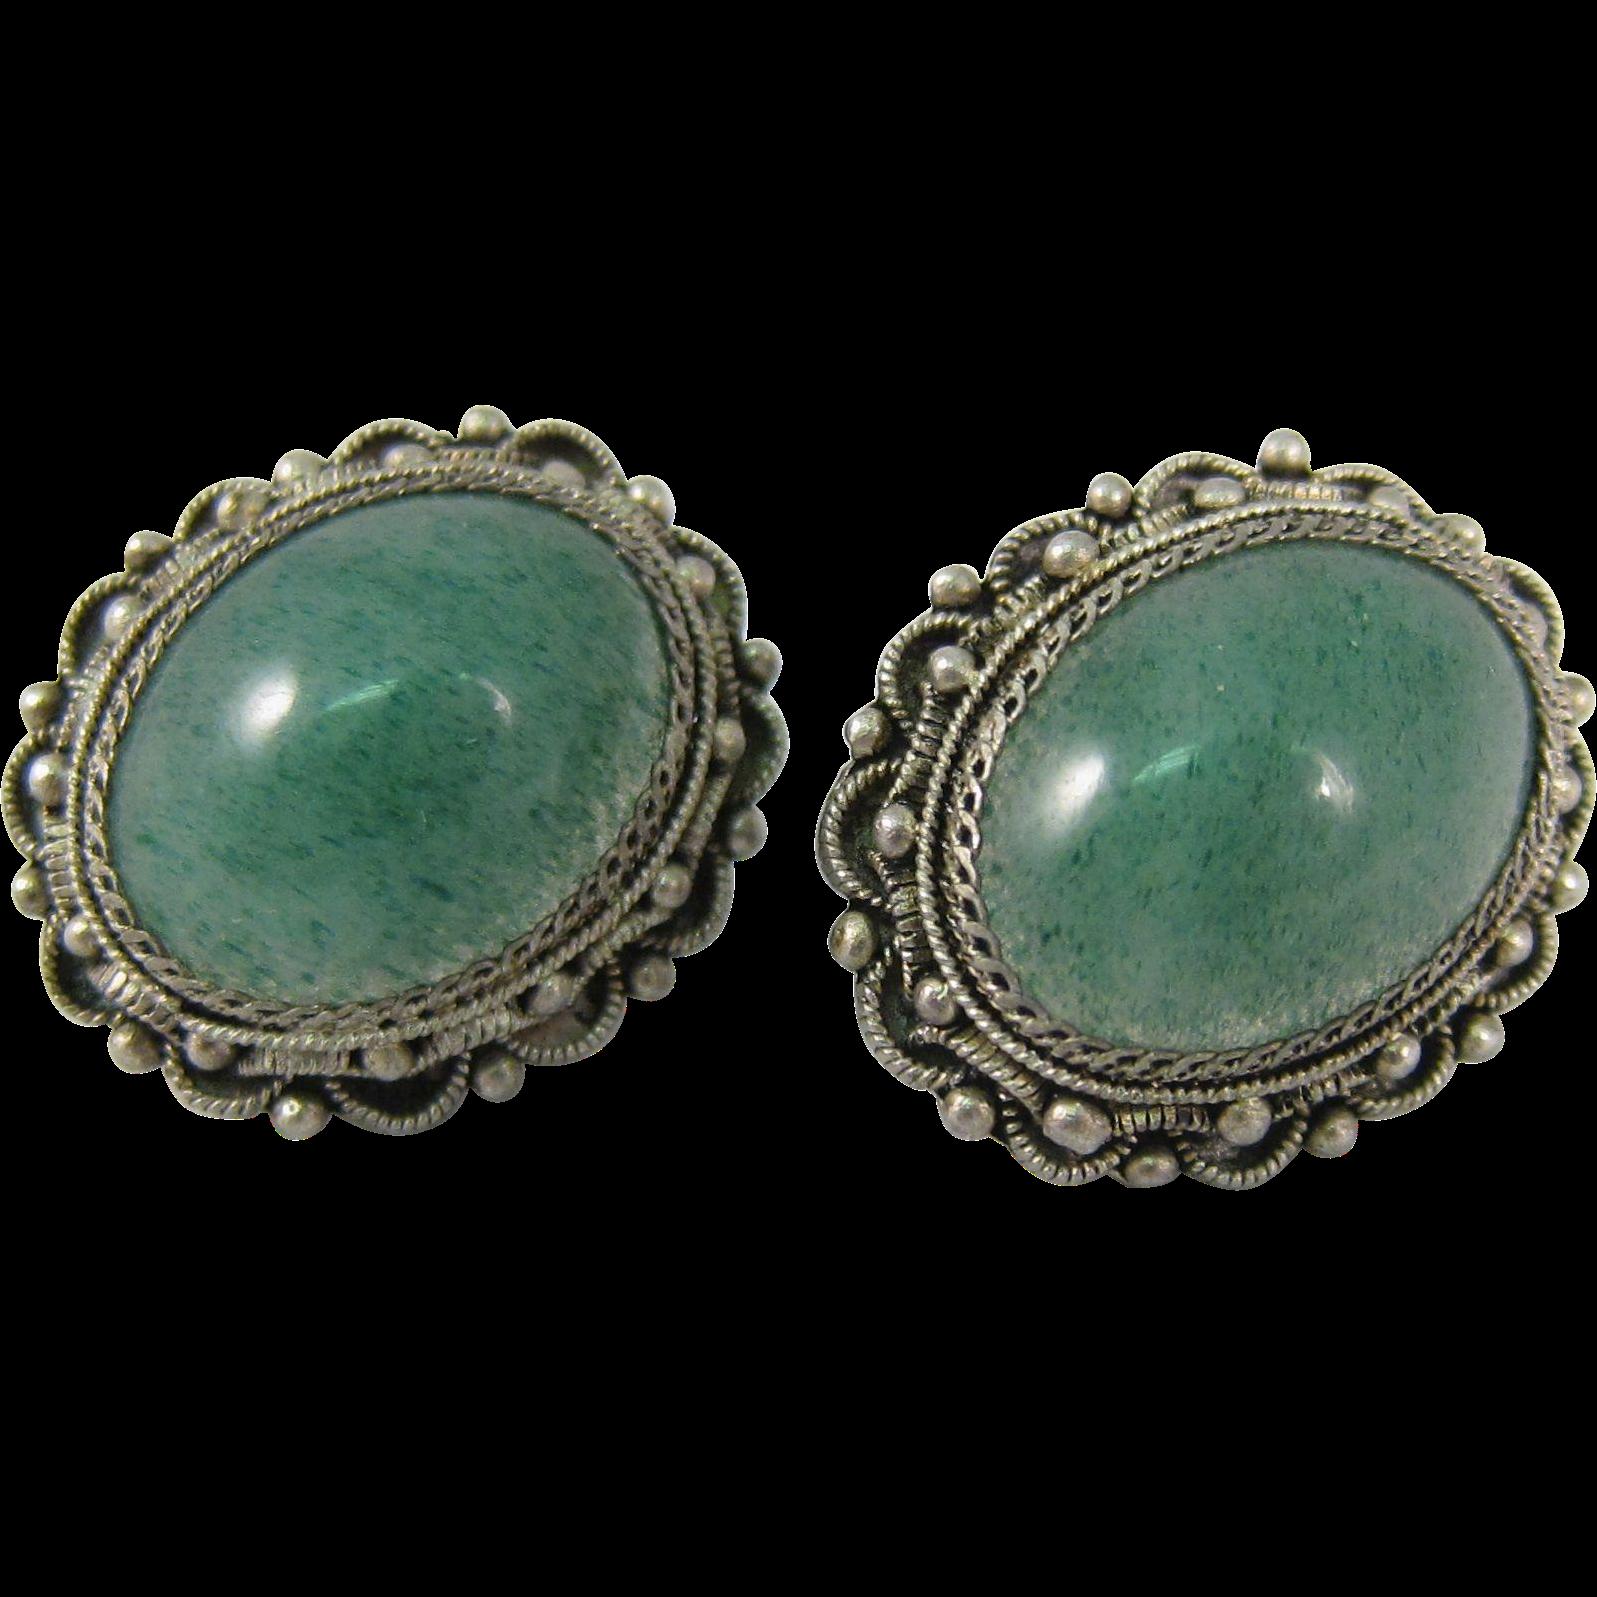 Vintage 916 Filigree Silver & Green Jade Screw-back Earrings 1970s